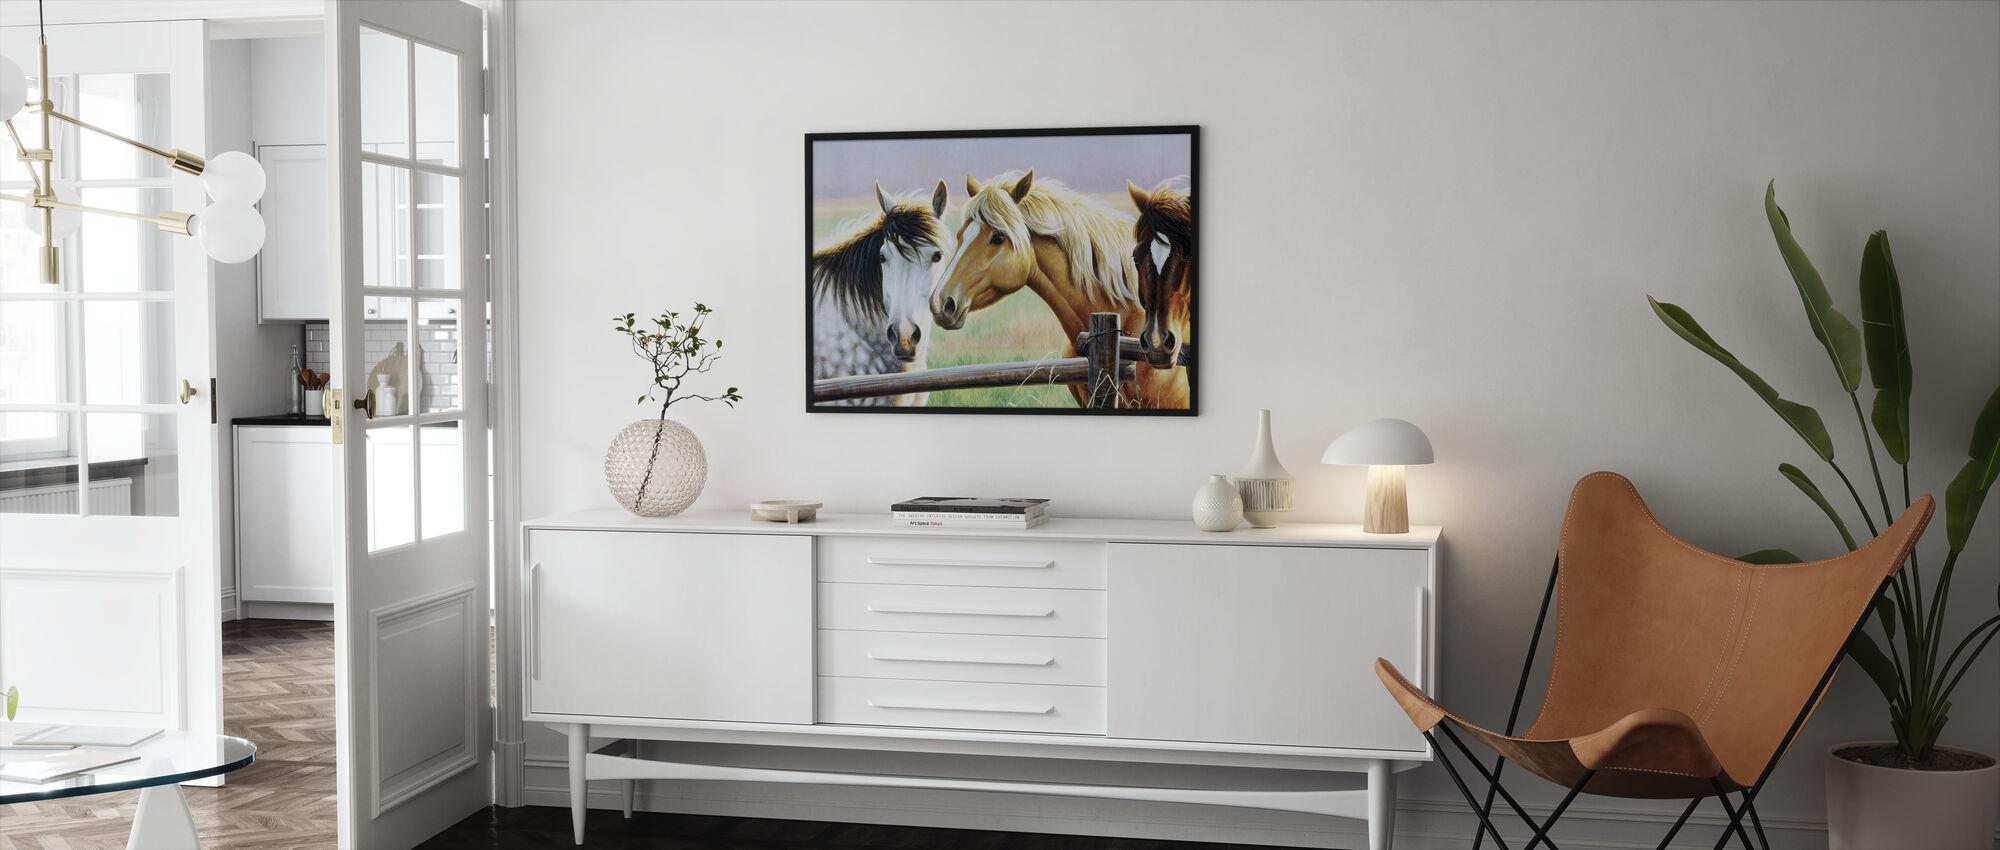 Tre heste på hegnet - Indrammet billede - Stue